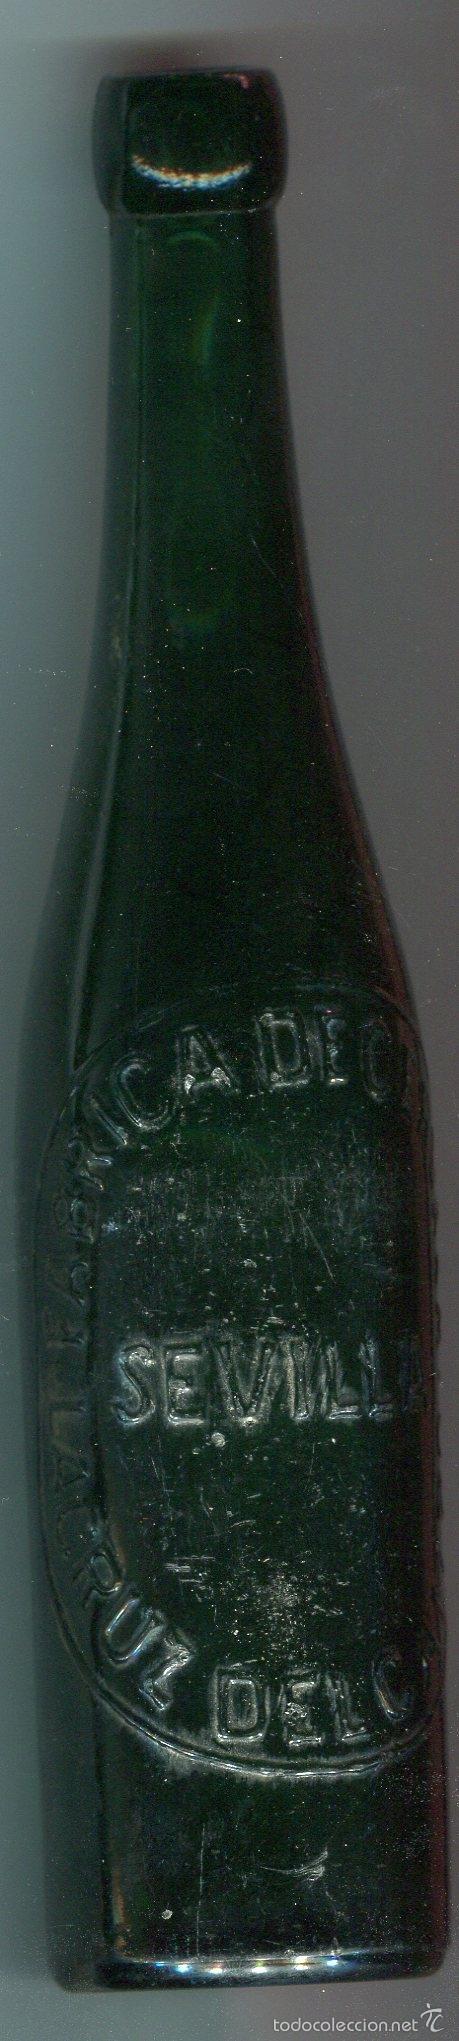 BOTELLA DE CERVEZA PRIMERA EPOCA (1904) LA CRUZ DEL CAMPO (SEVILLA) MARCA DE FABRICANTE ROMBO (Coleccionismo - Botellas y Bebidas - Botellas Antiguas)